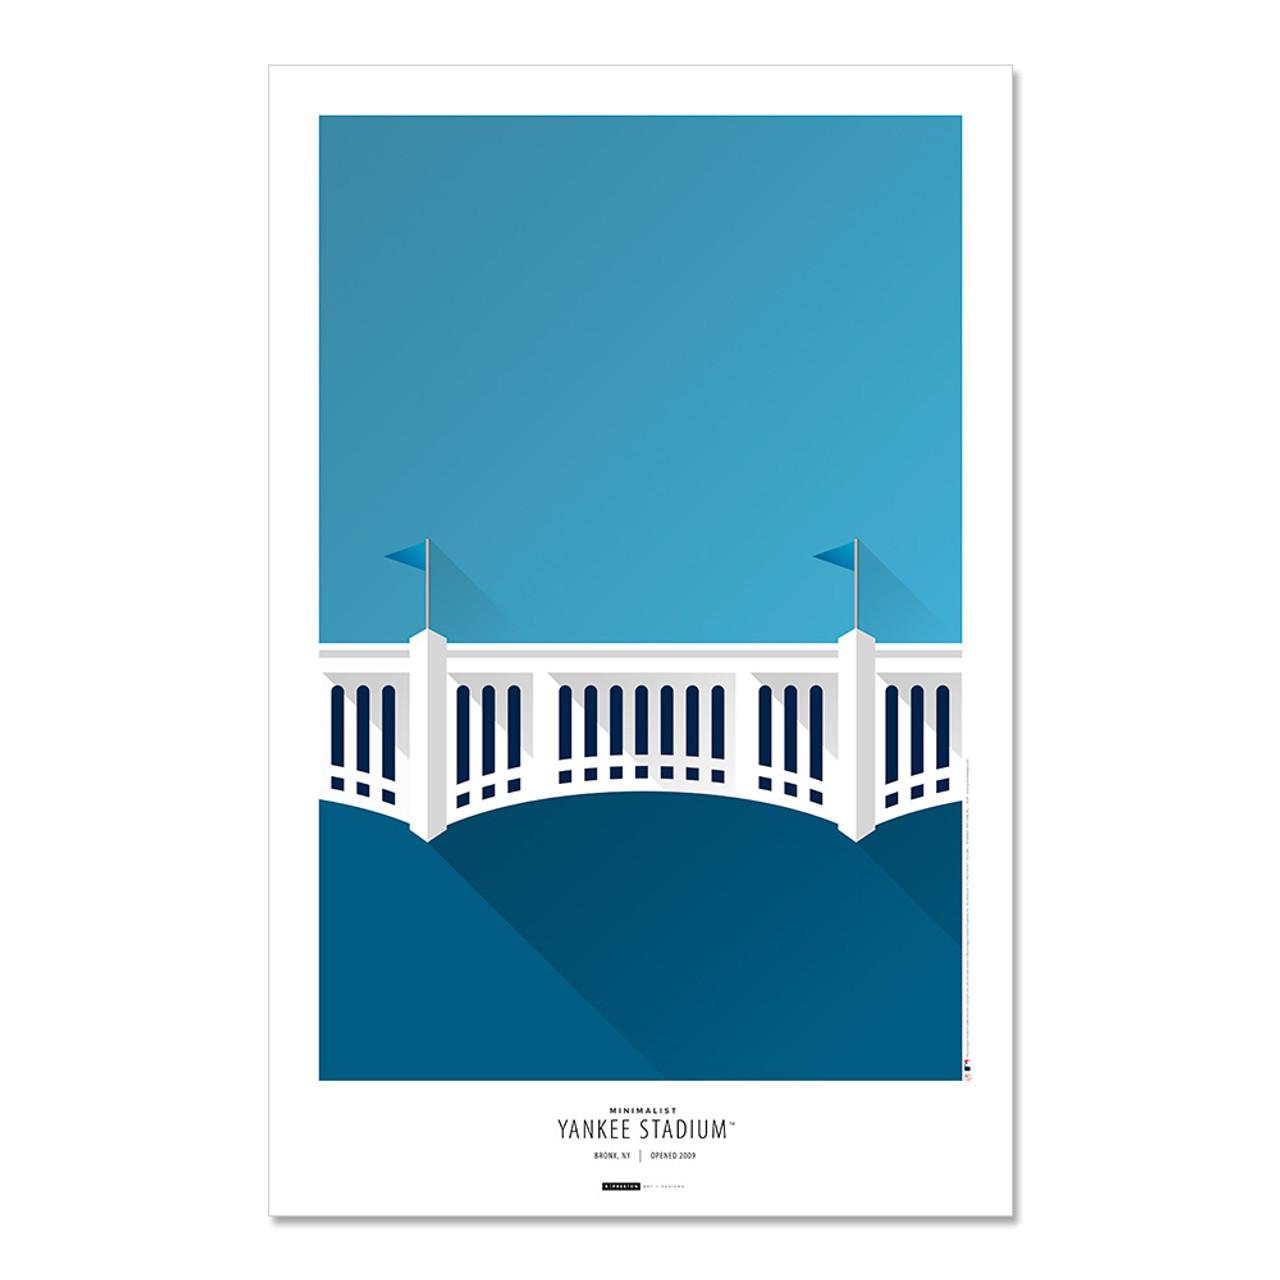 New York Yankees - Yankee Stadium Minimalist Print